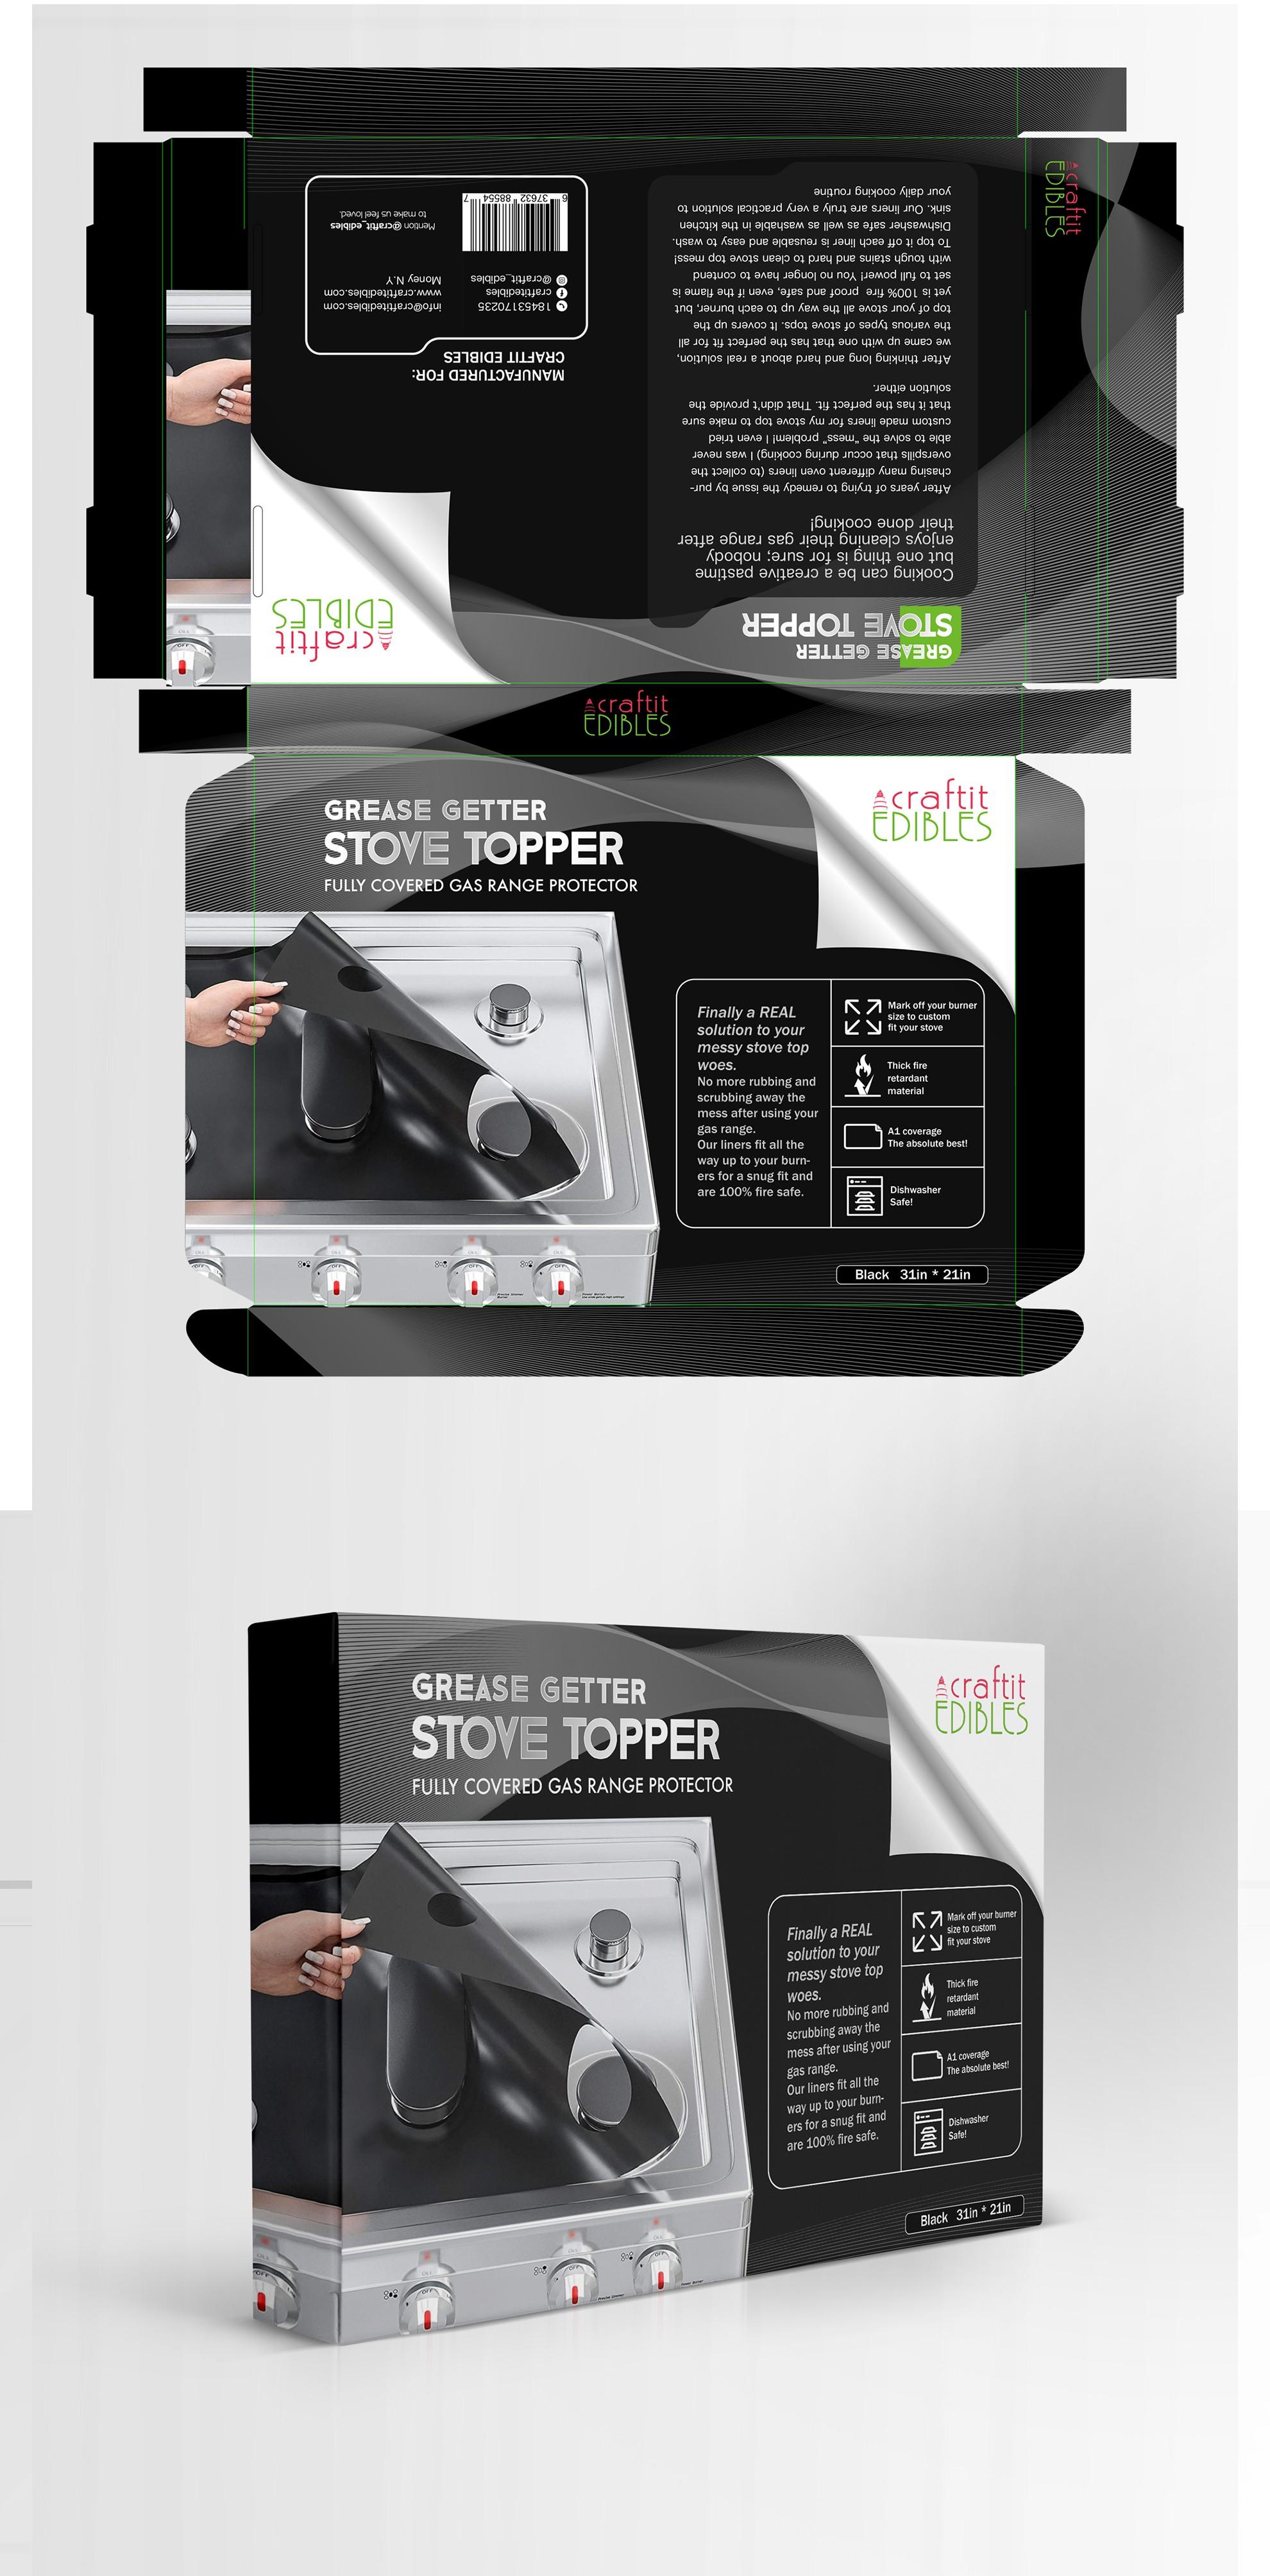 custom, new  gas range cover package design.